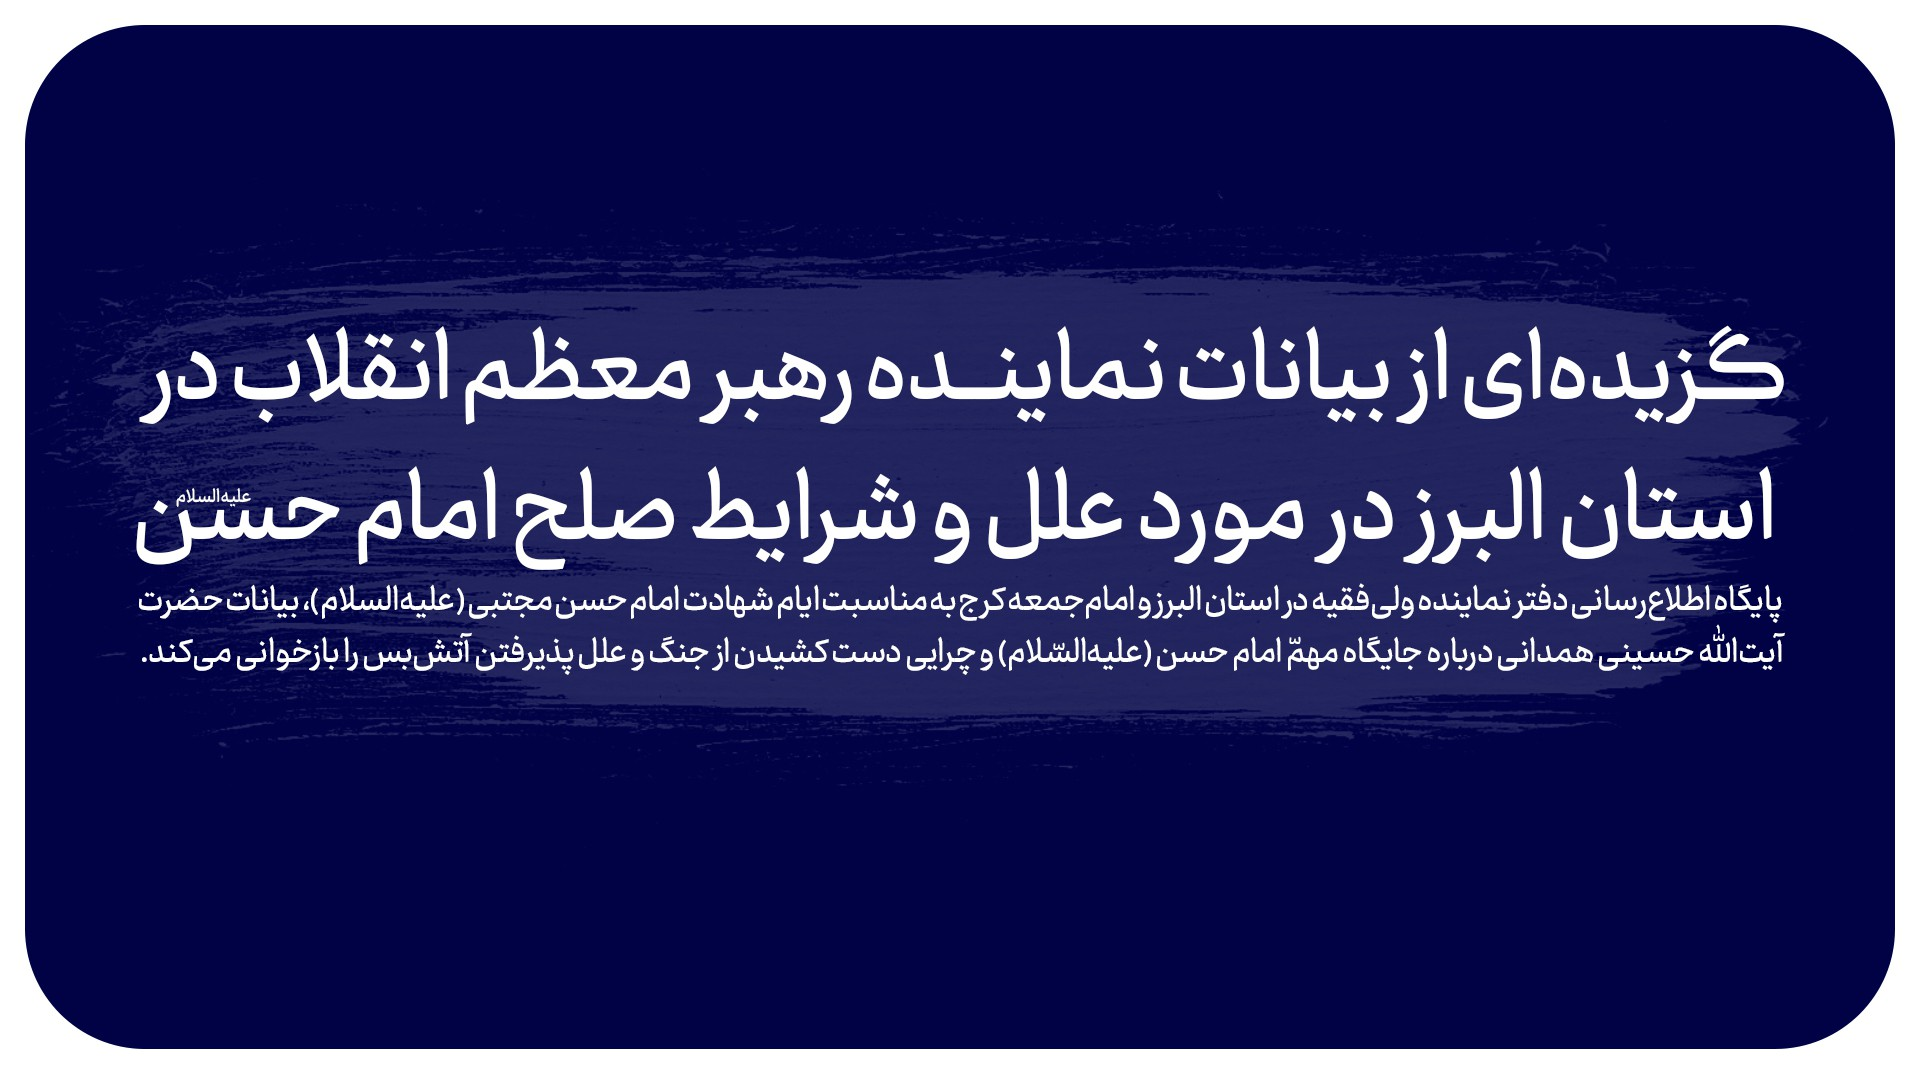 صلح امام حسن یک انقلاب است / عدهای اموی عمل میکنند